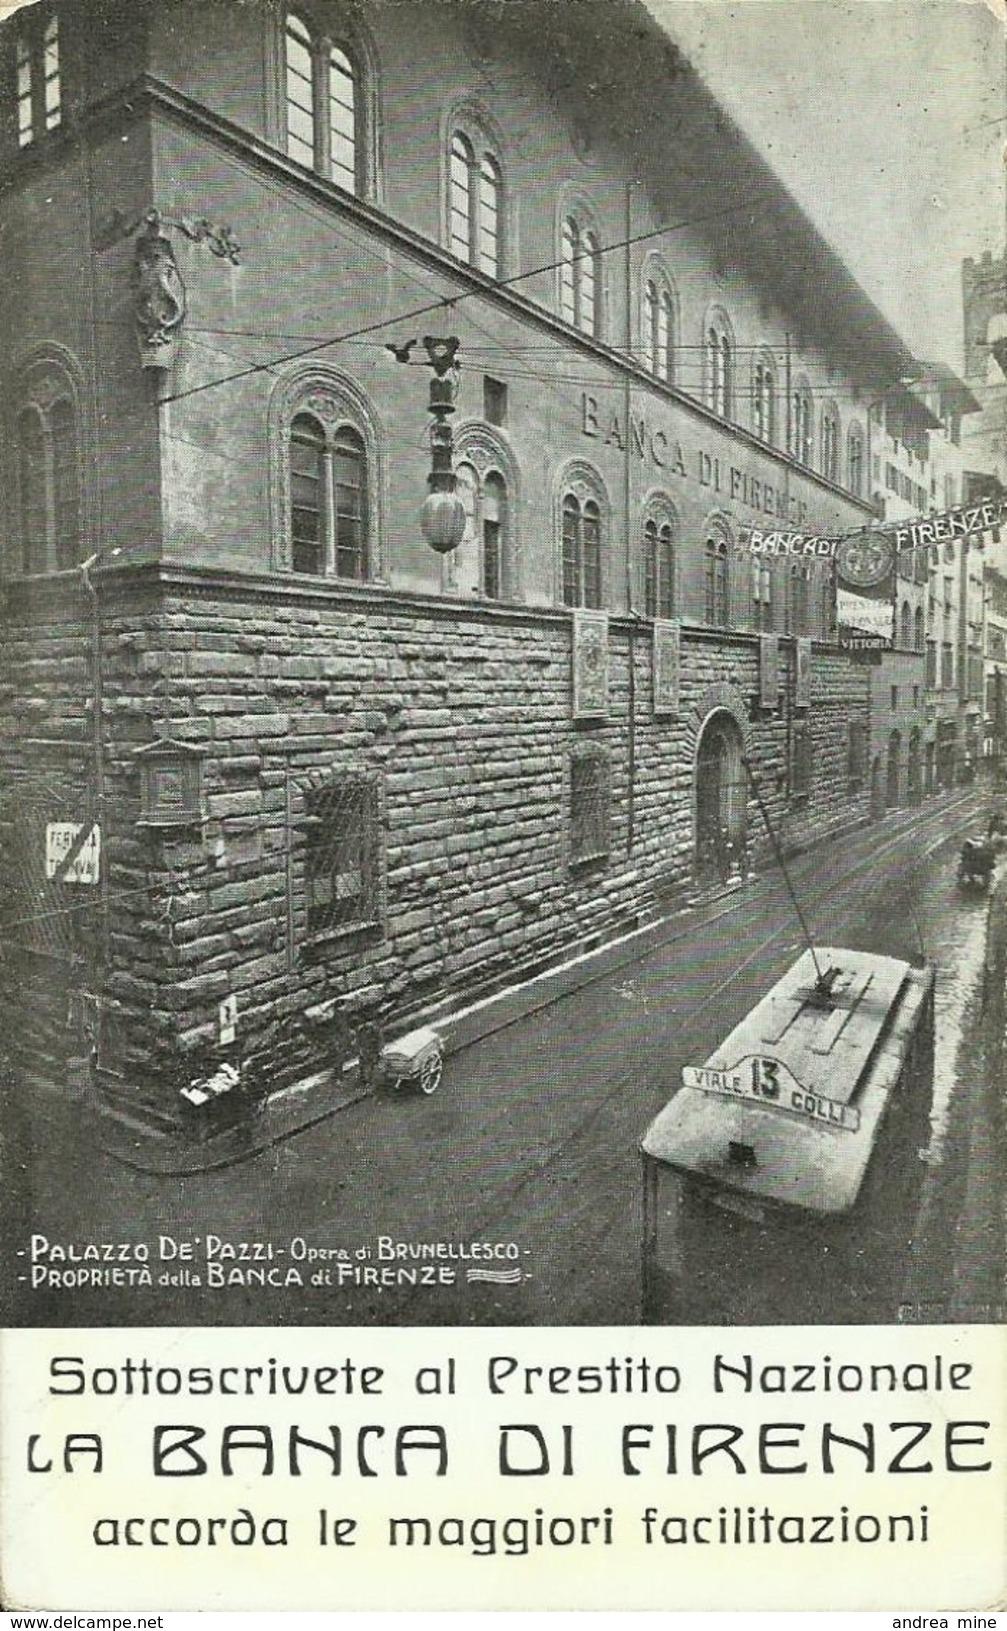 FIRENZE, BANCA DI FIRENZE -  AND105 - Firenze (Florence)